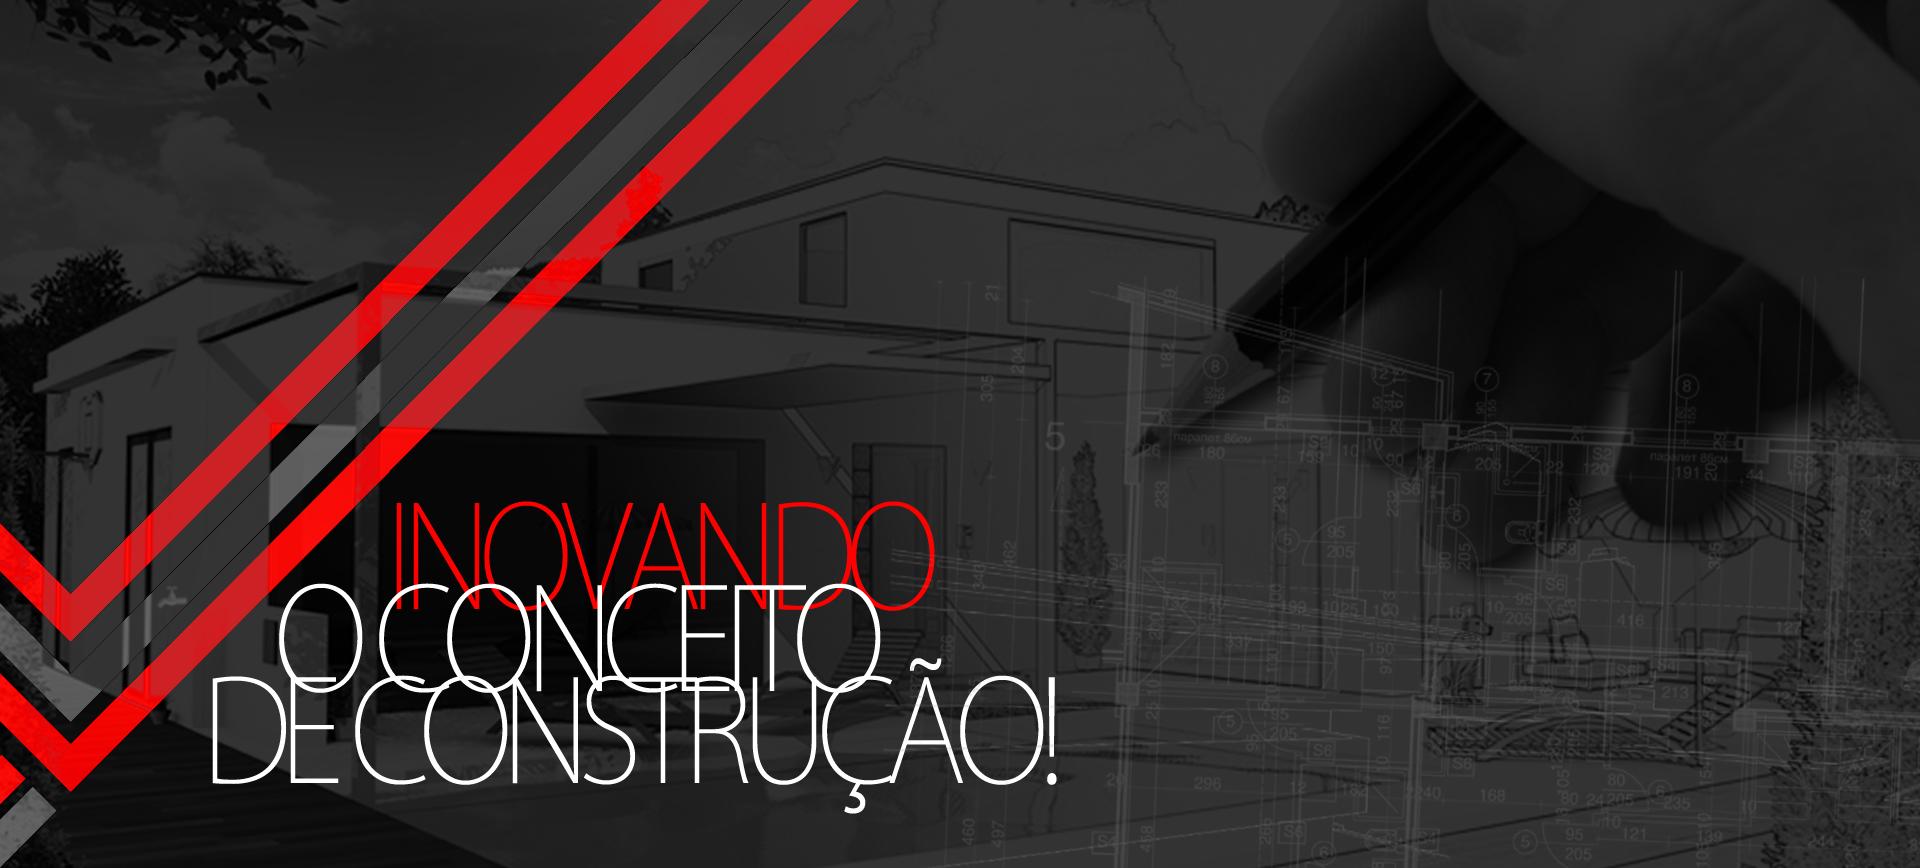 Construinove - Arquitetura, Projetos e Design de Interiores. Construção e Reformas. Inovando no conceito de contrução.